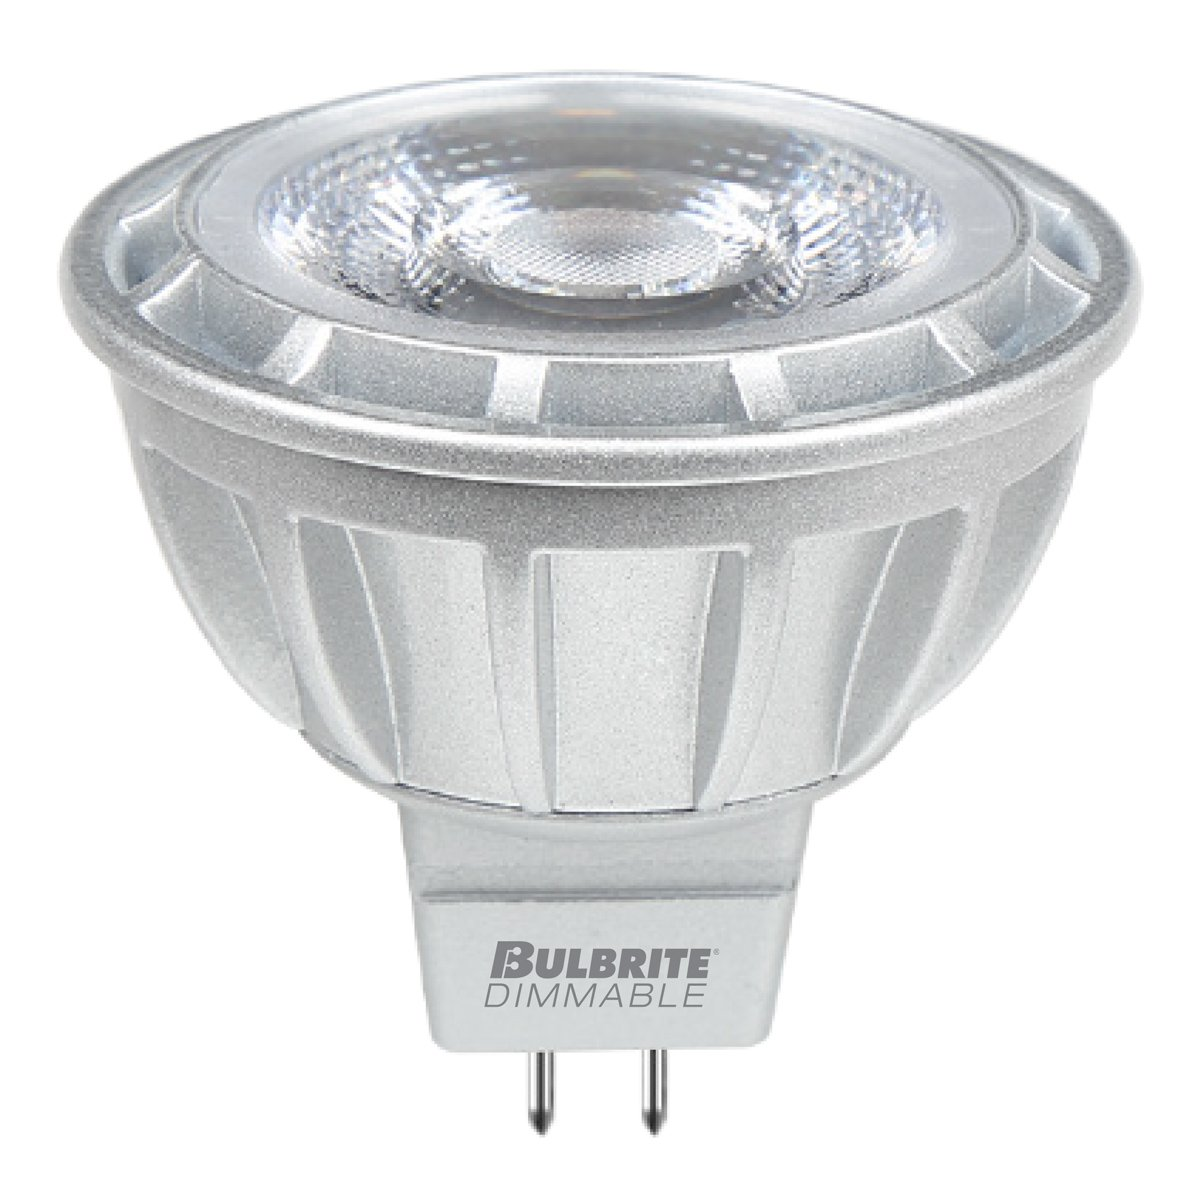 Bulbrite 771350 LED9MR16FL35/75/927/J/D LED 9W MR16 Dimmable Light Bulb, JA8 Certified, GU5.3 Base, Warm White